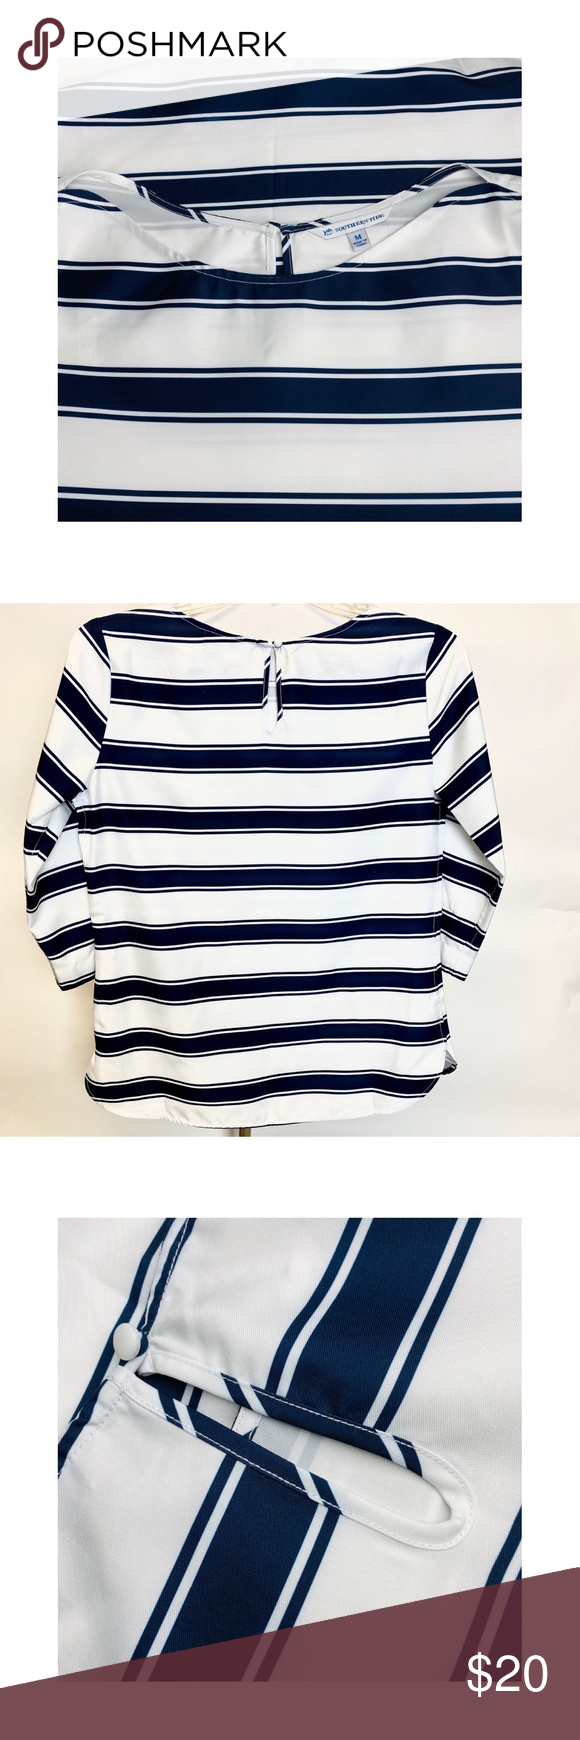 Southern Tide Women Blouse Blue White Stripes M Southern Tide Women Blouses For Women Blue Blouse